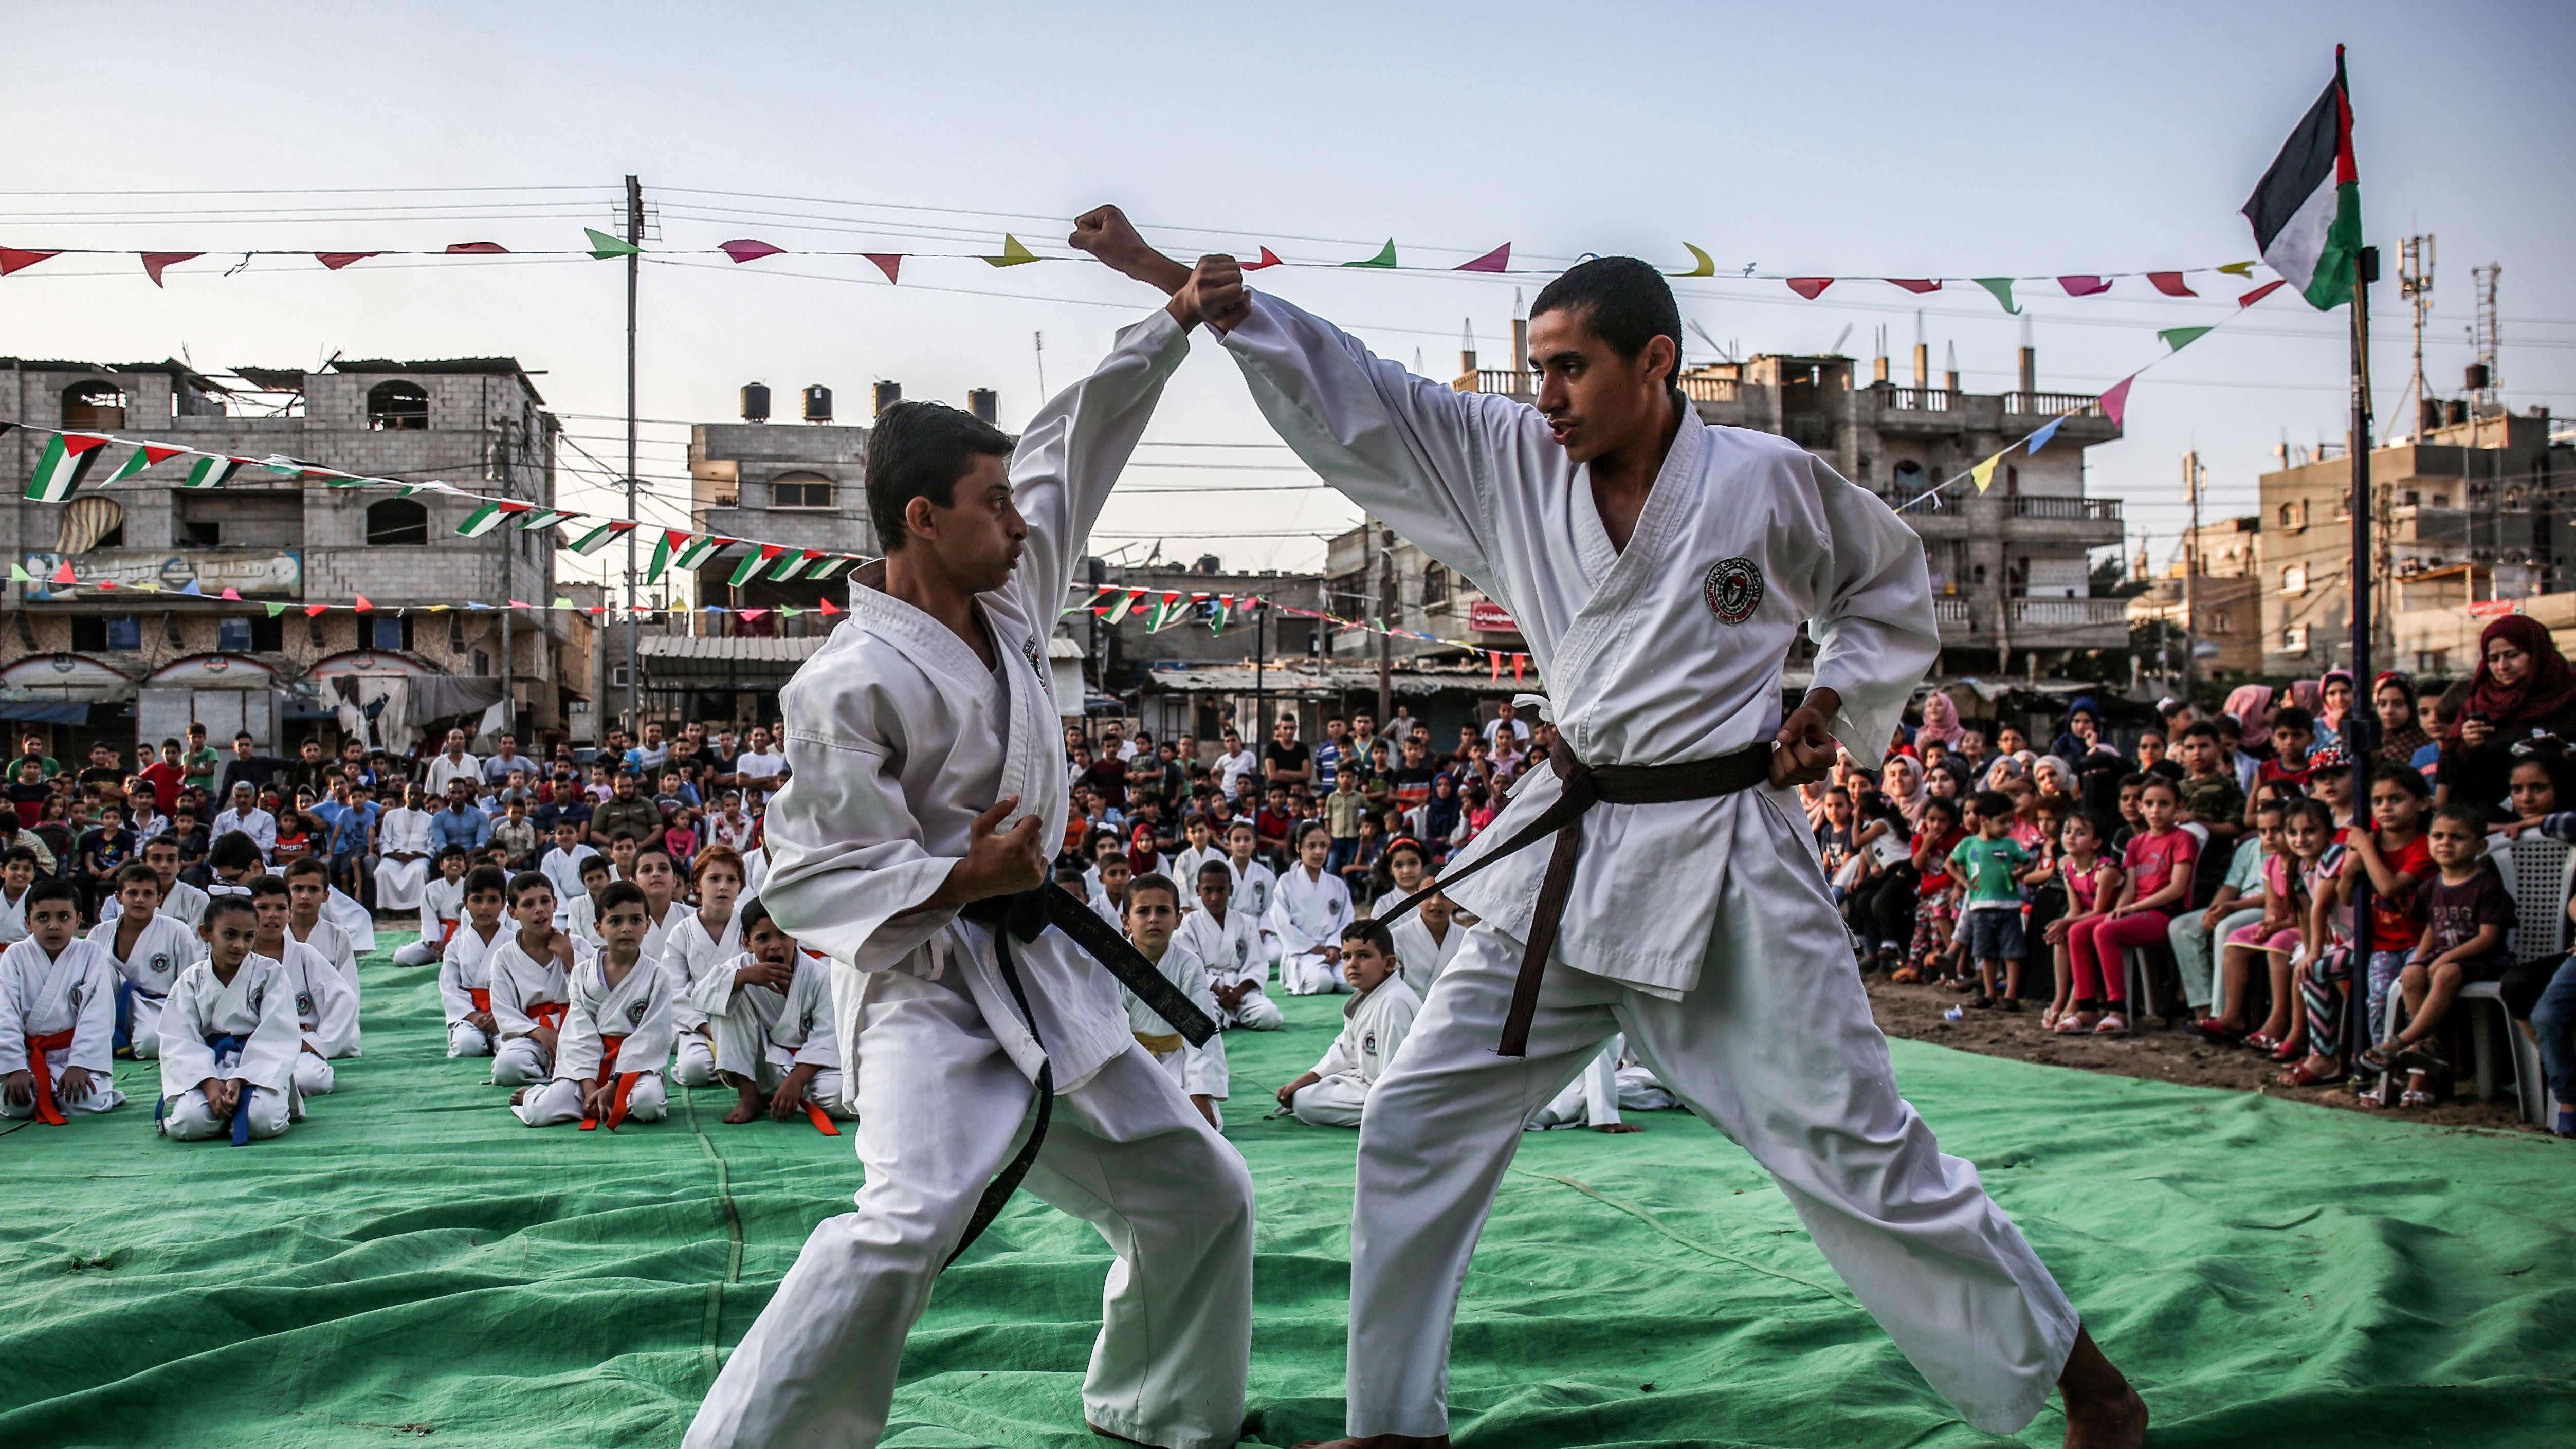 Palestiinalaiset nuoret harjoittamassa karatea.